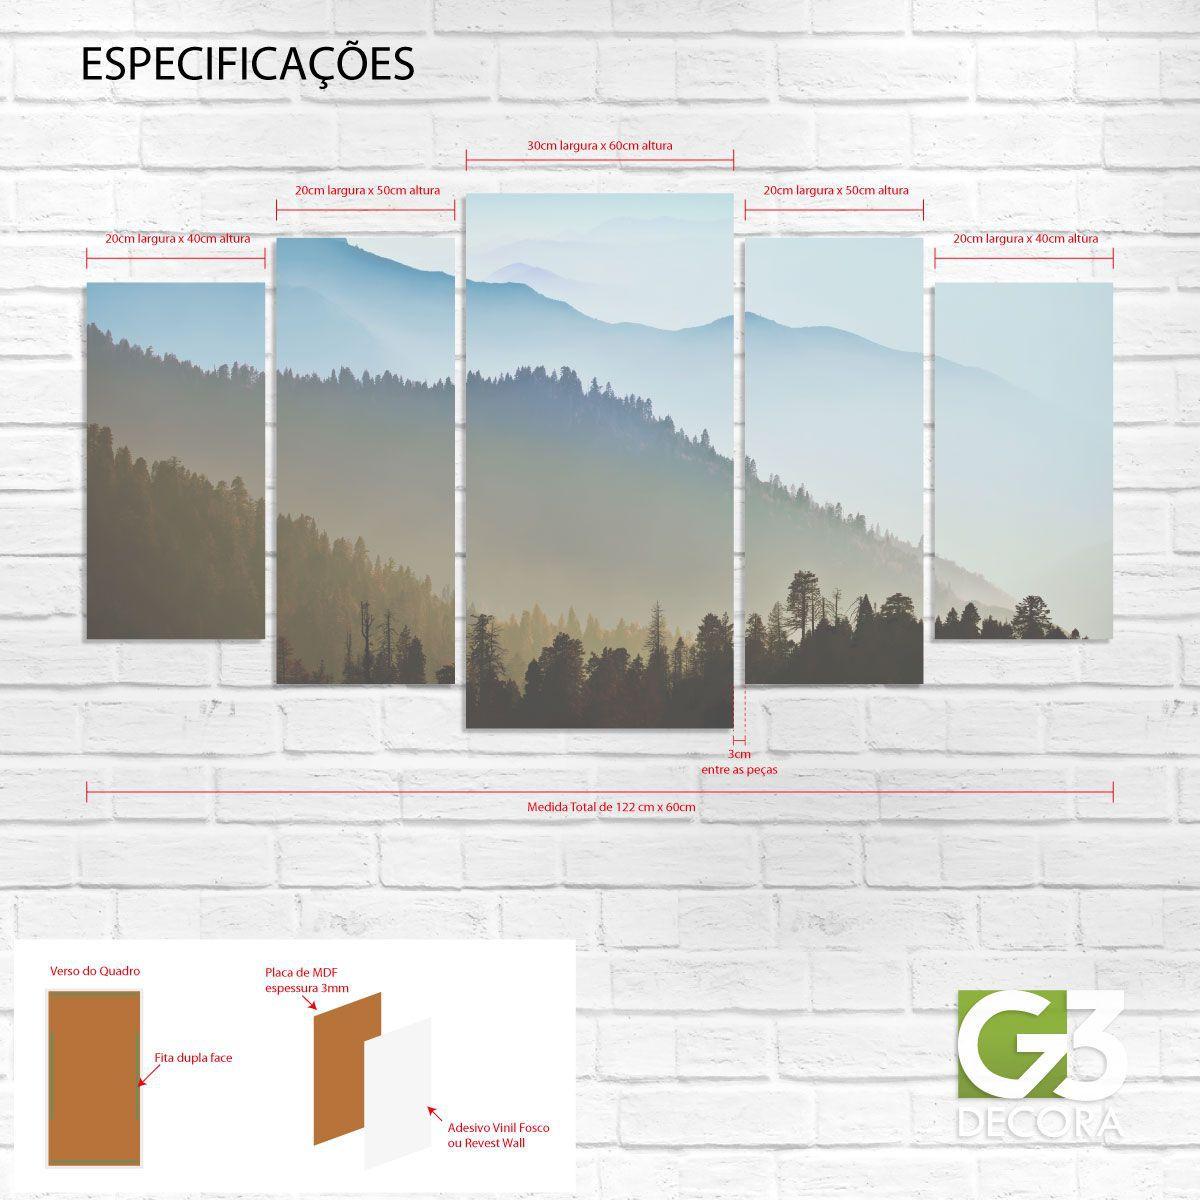 Quadro Decorativo – QD005  - Papel de parede - G3decora